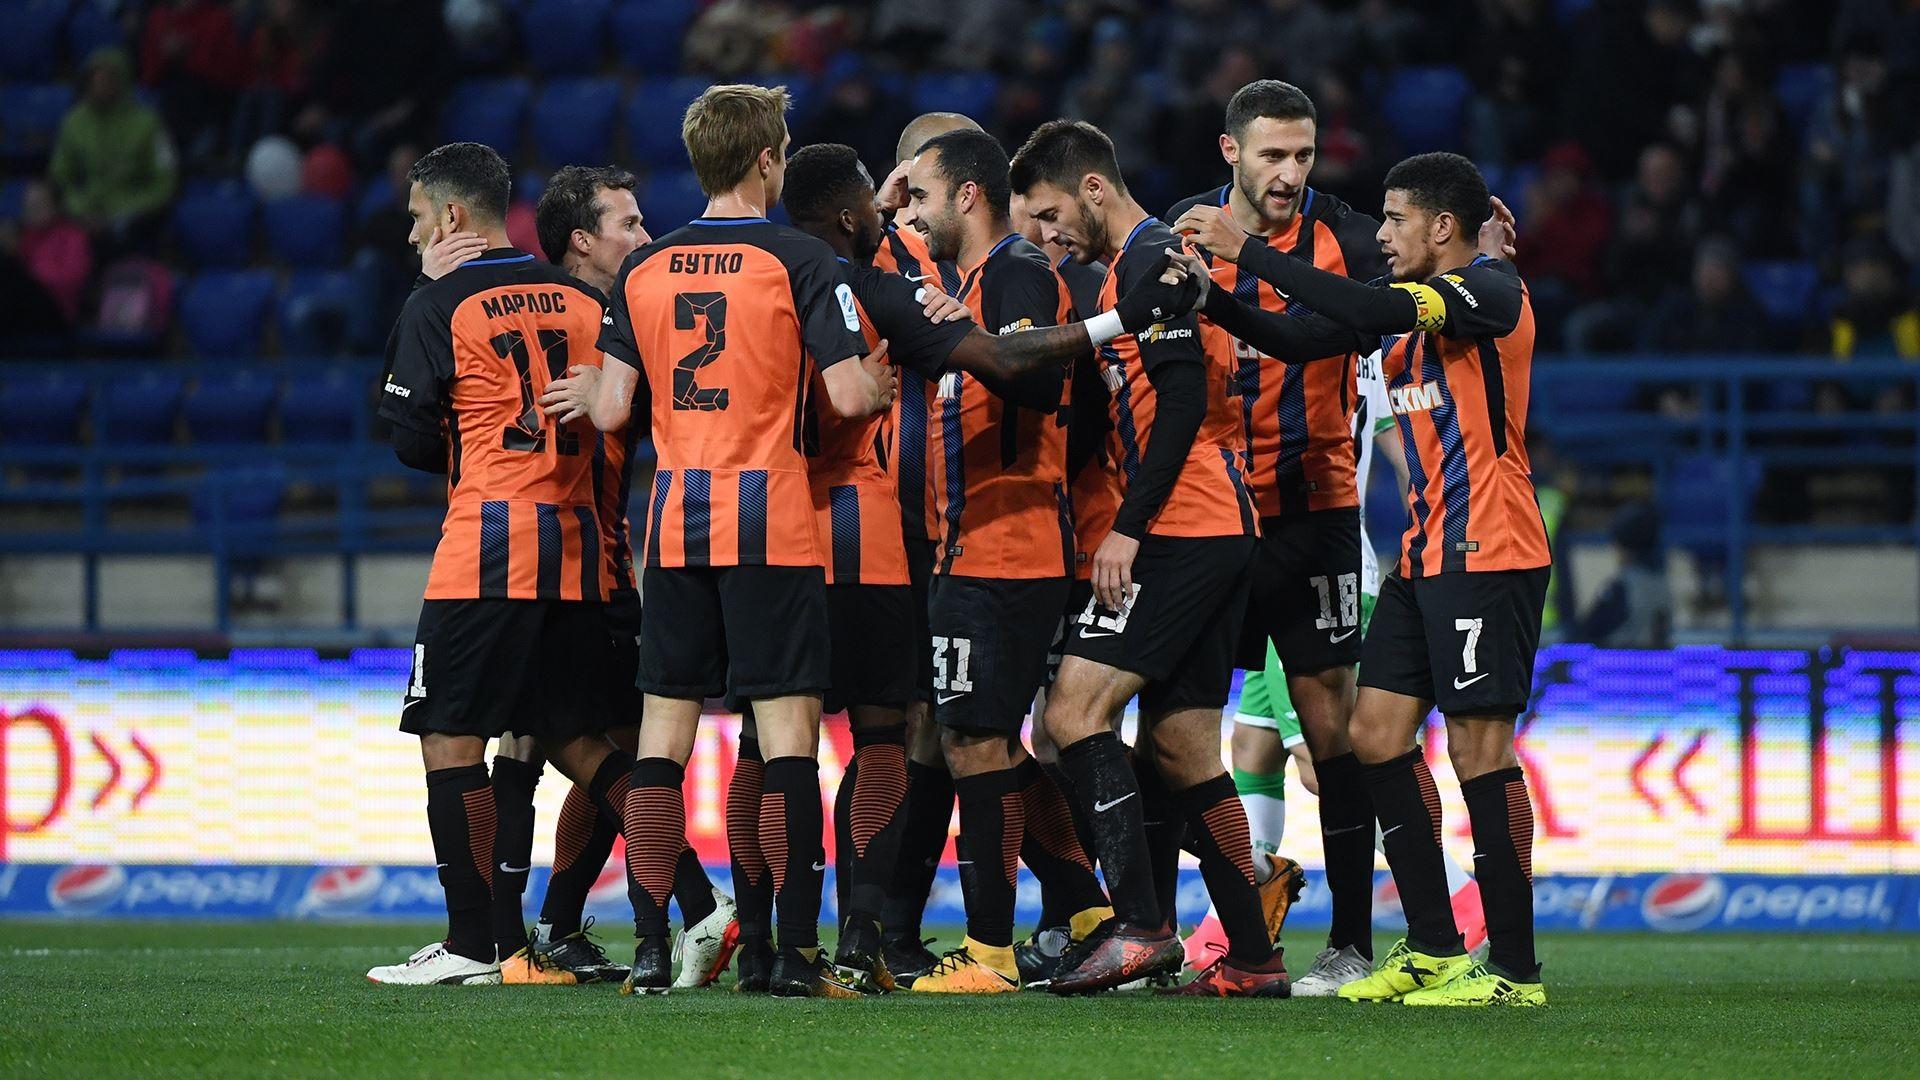 Футбол: ставки на чемпионат Украины, прогнозы на Украинскую Премьер Лигу, Марта 21